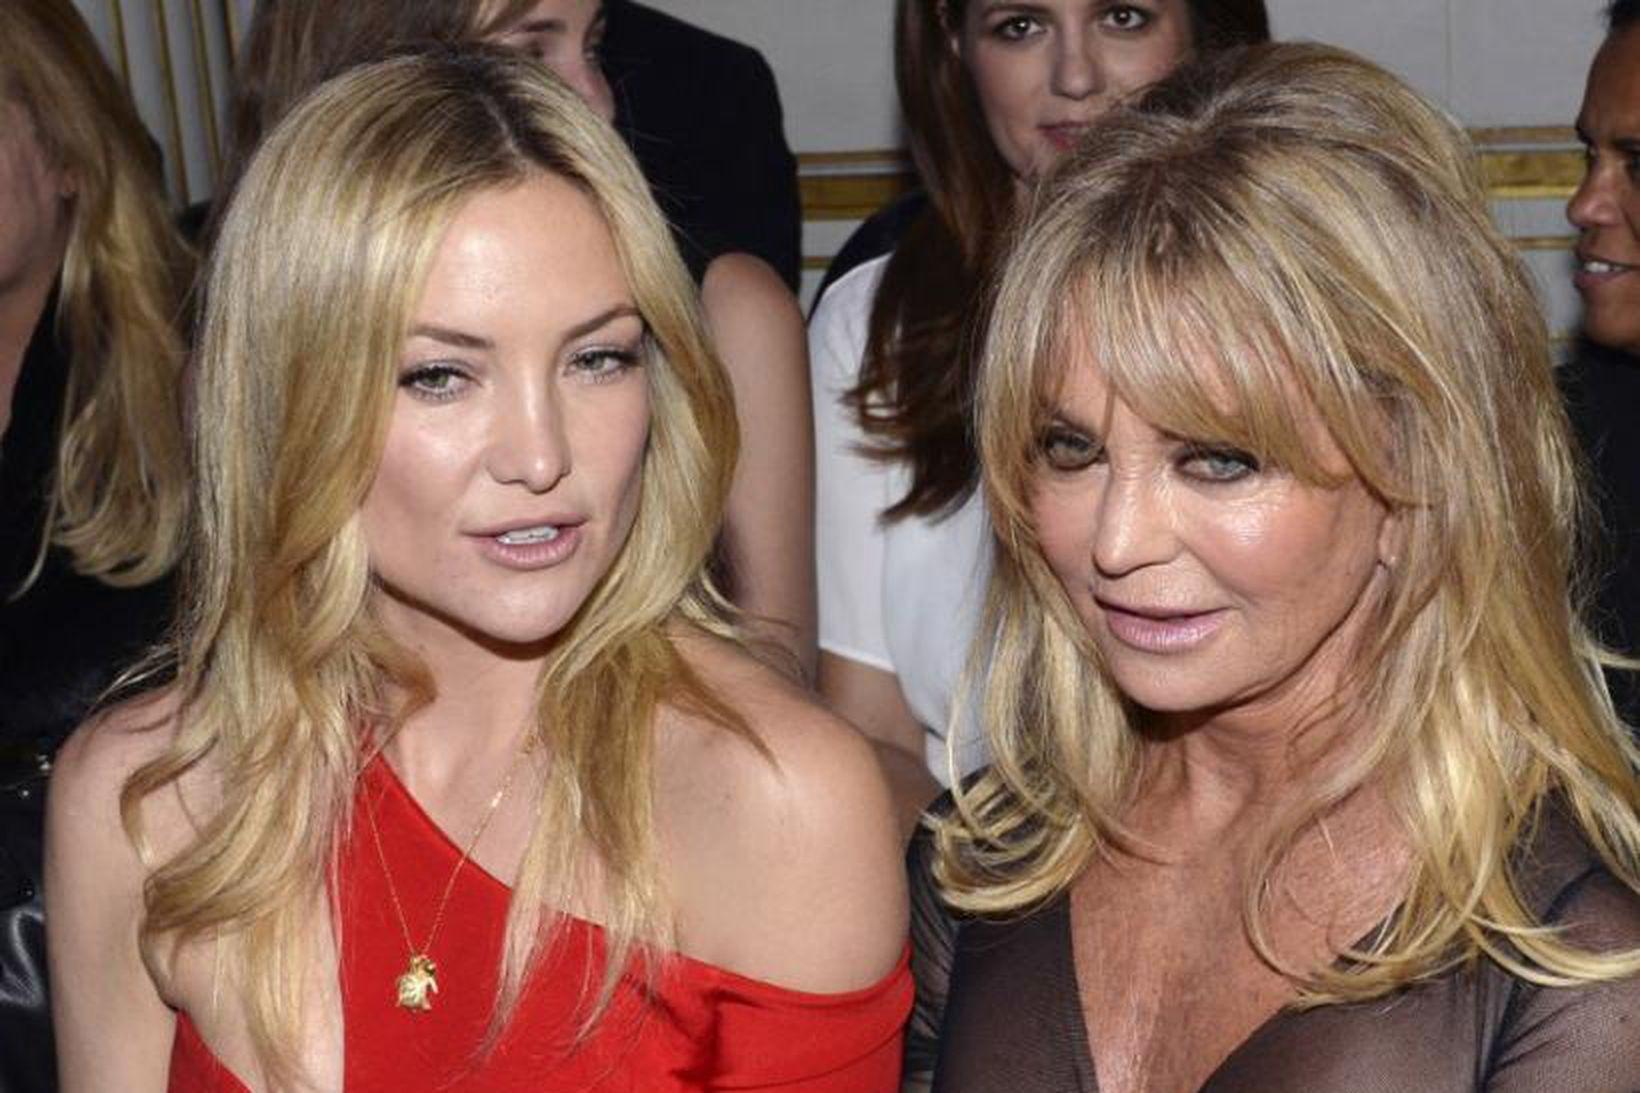 Mæðgurnar Kate Hudson og Goldie Hawn eru mjög nánar ef …